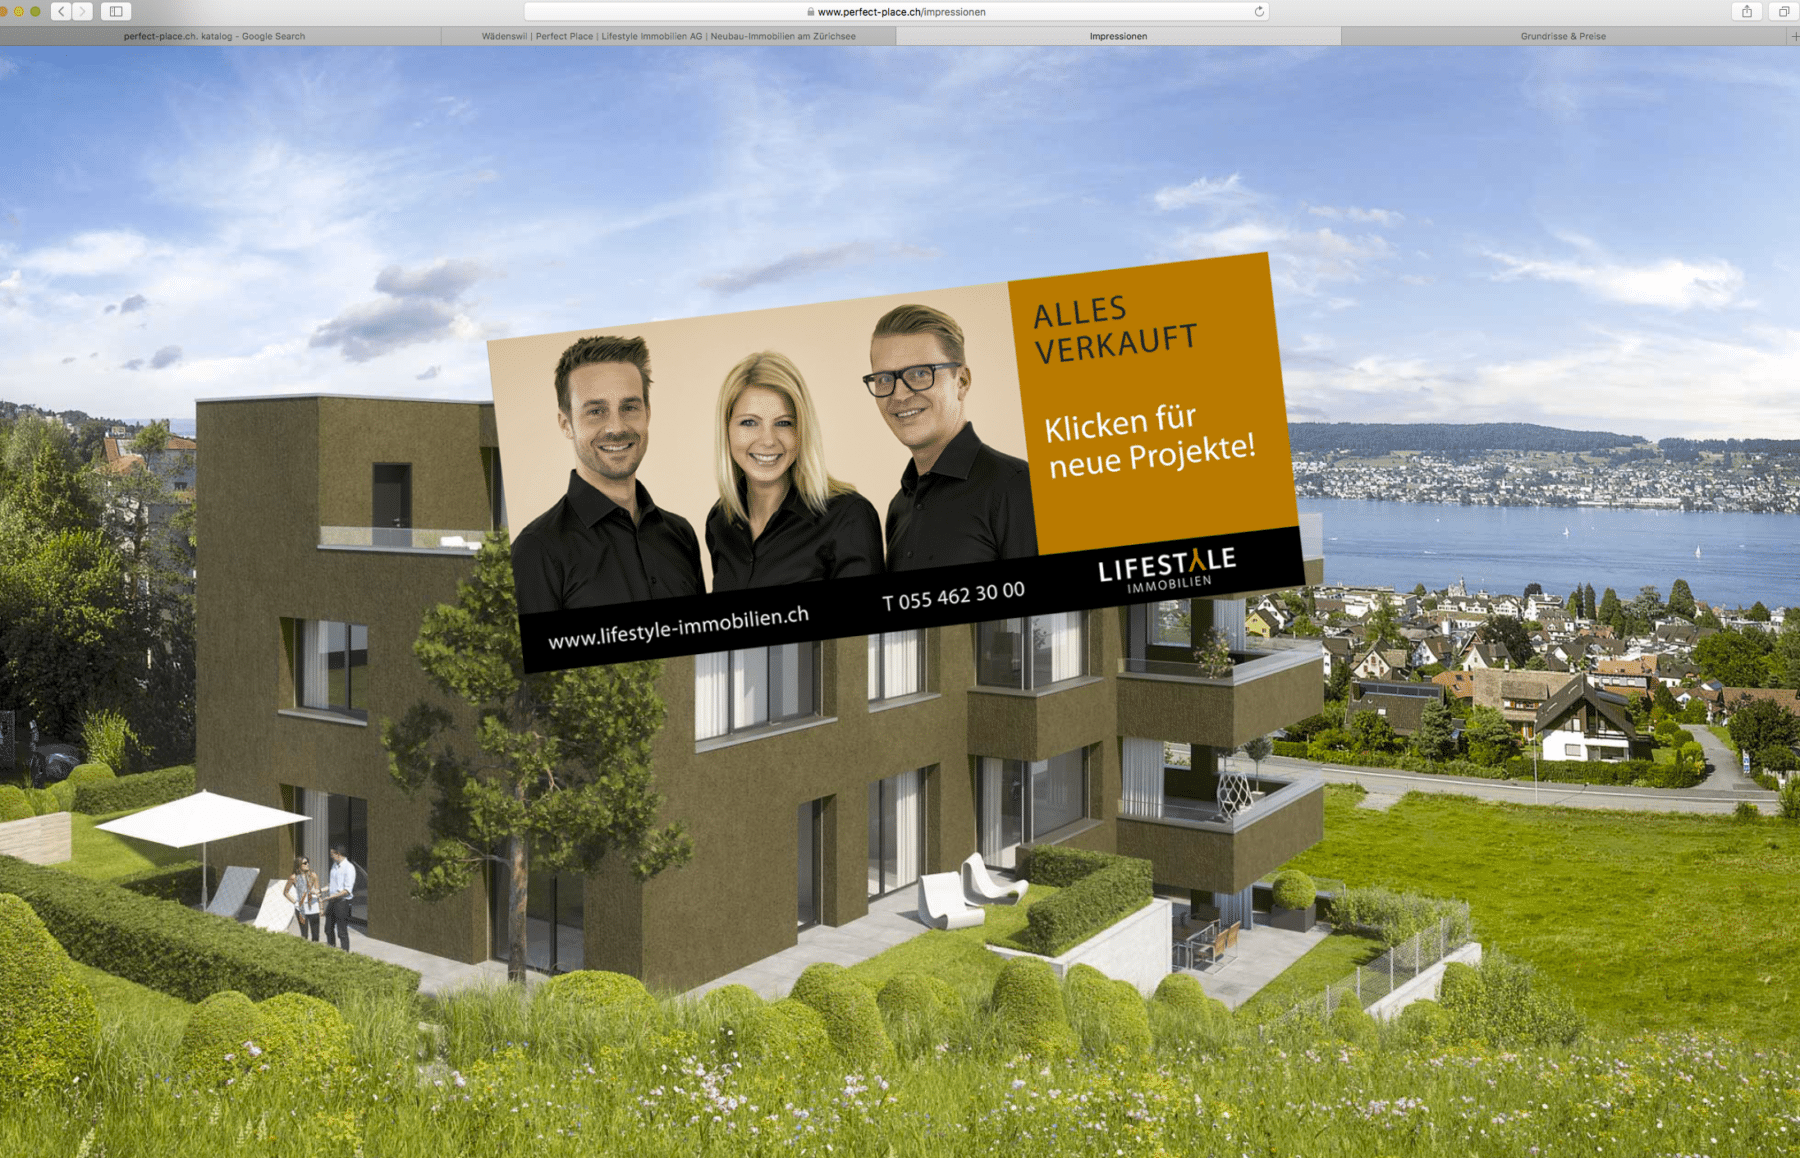 Immobilienverkauf Bilder für die Visualisierung von Gerry Pacher Photography